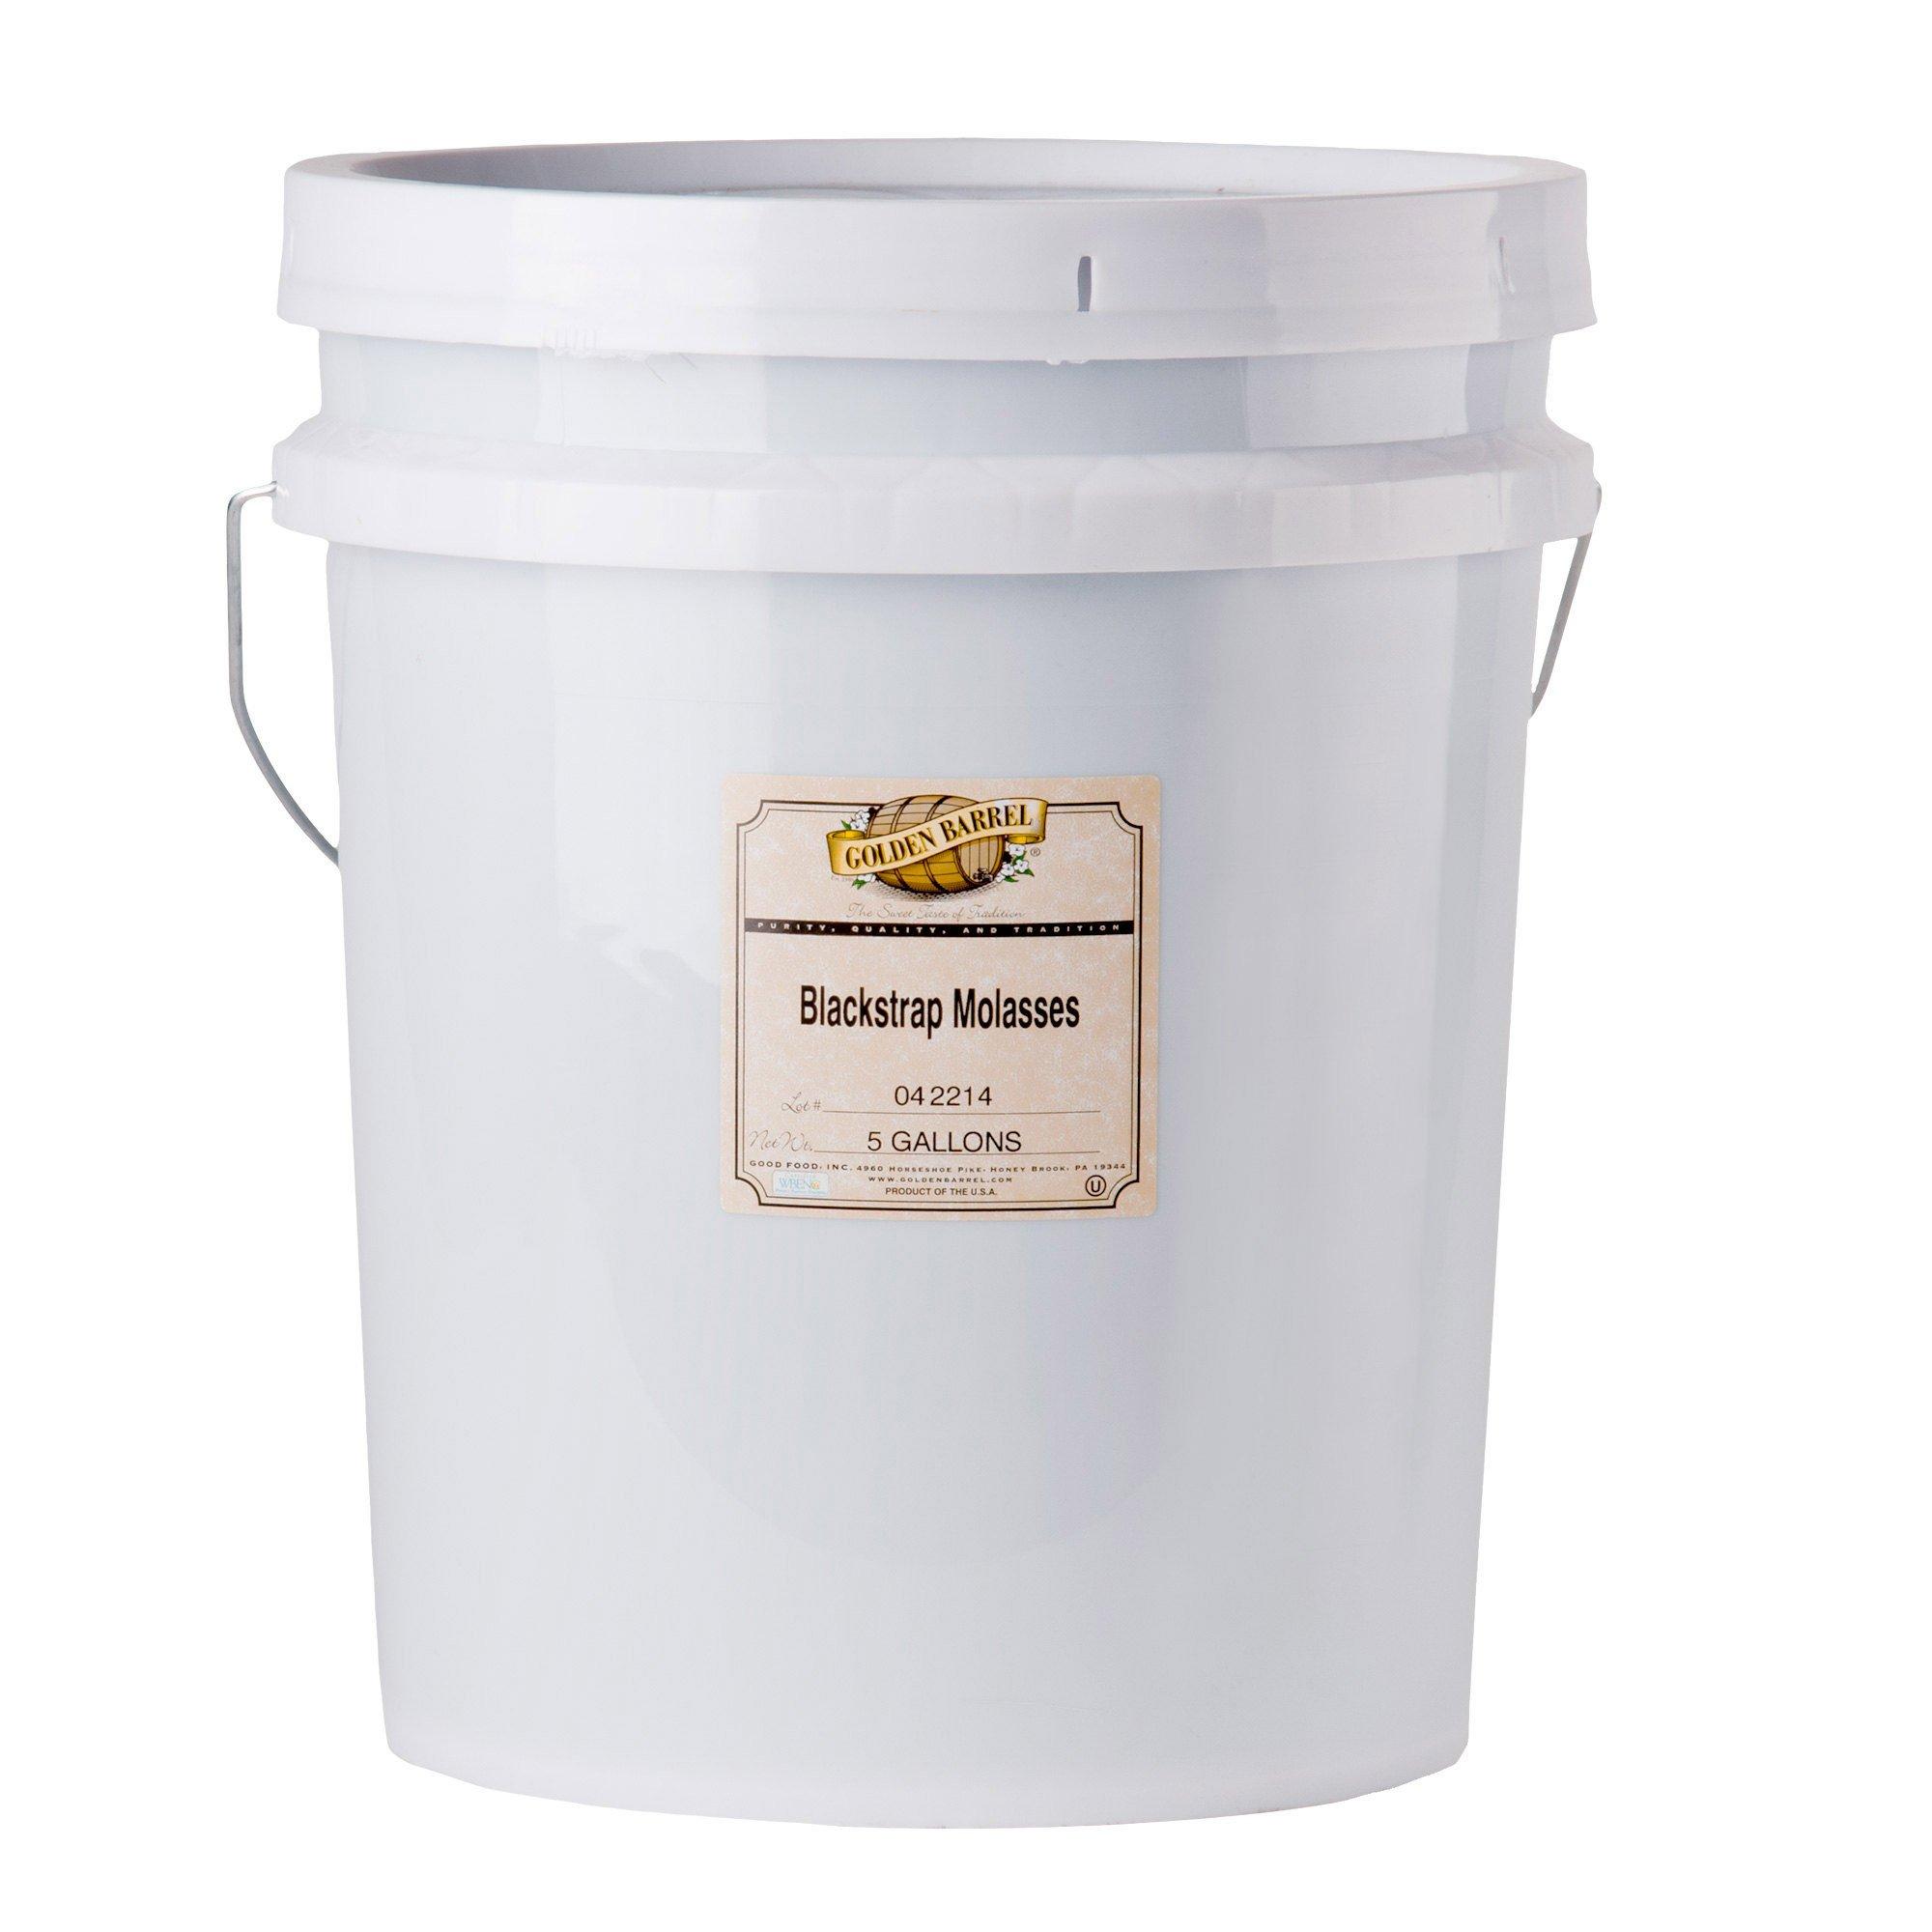 Golden Barrel Blackstrap Molasses (5 Gallon Pail)